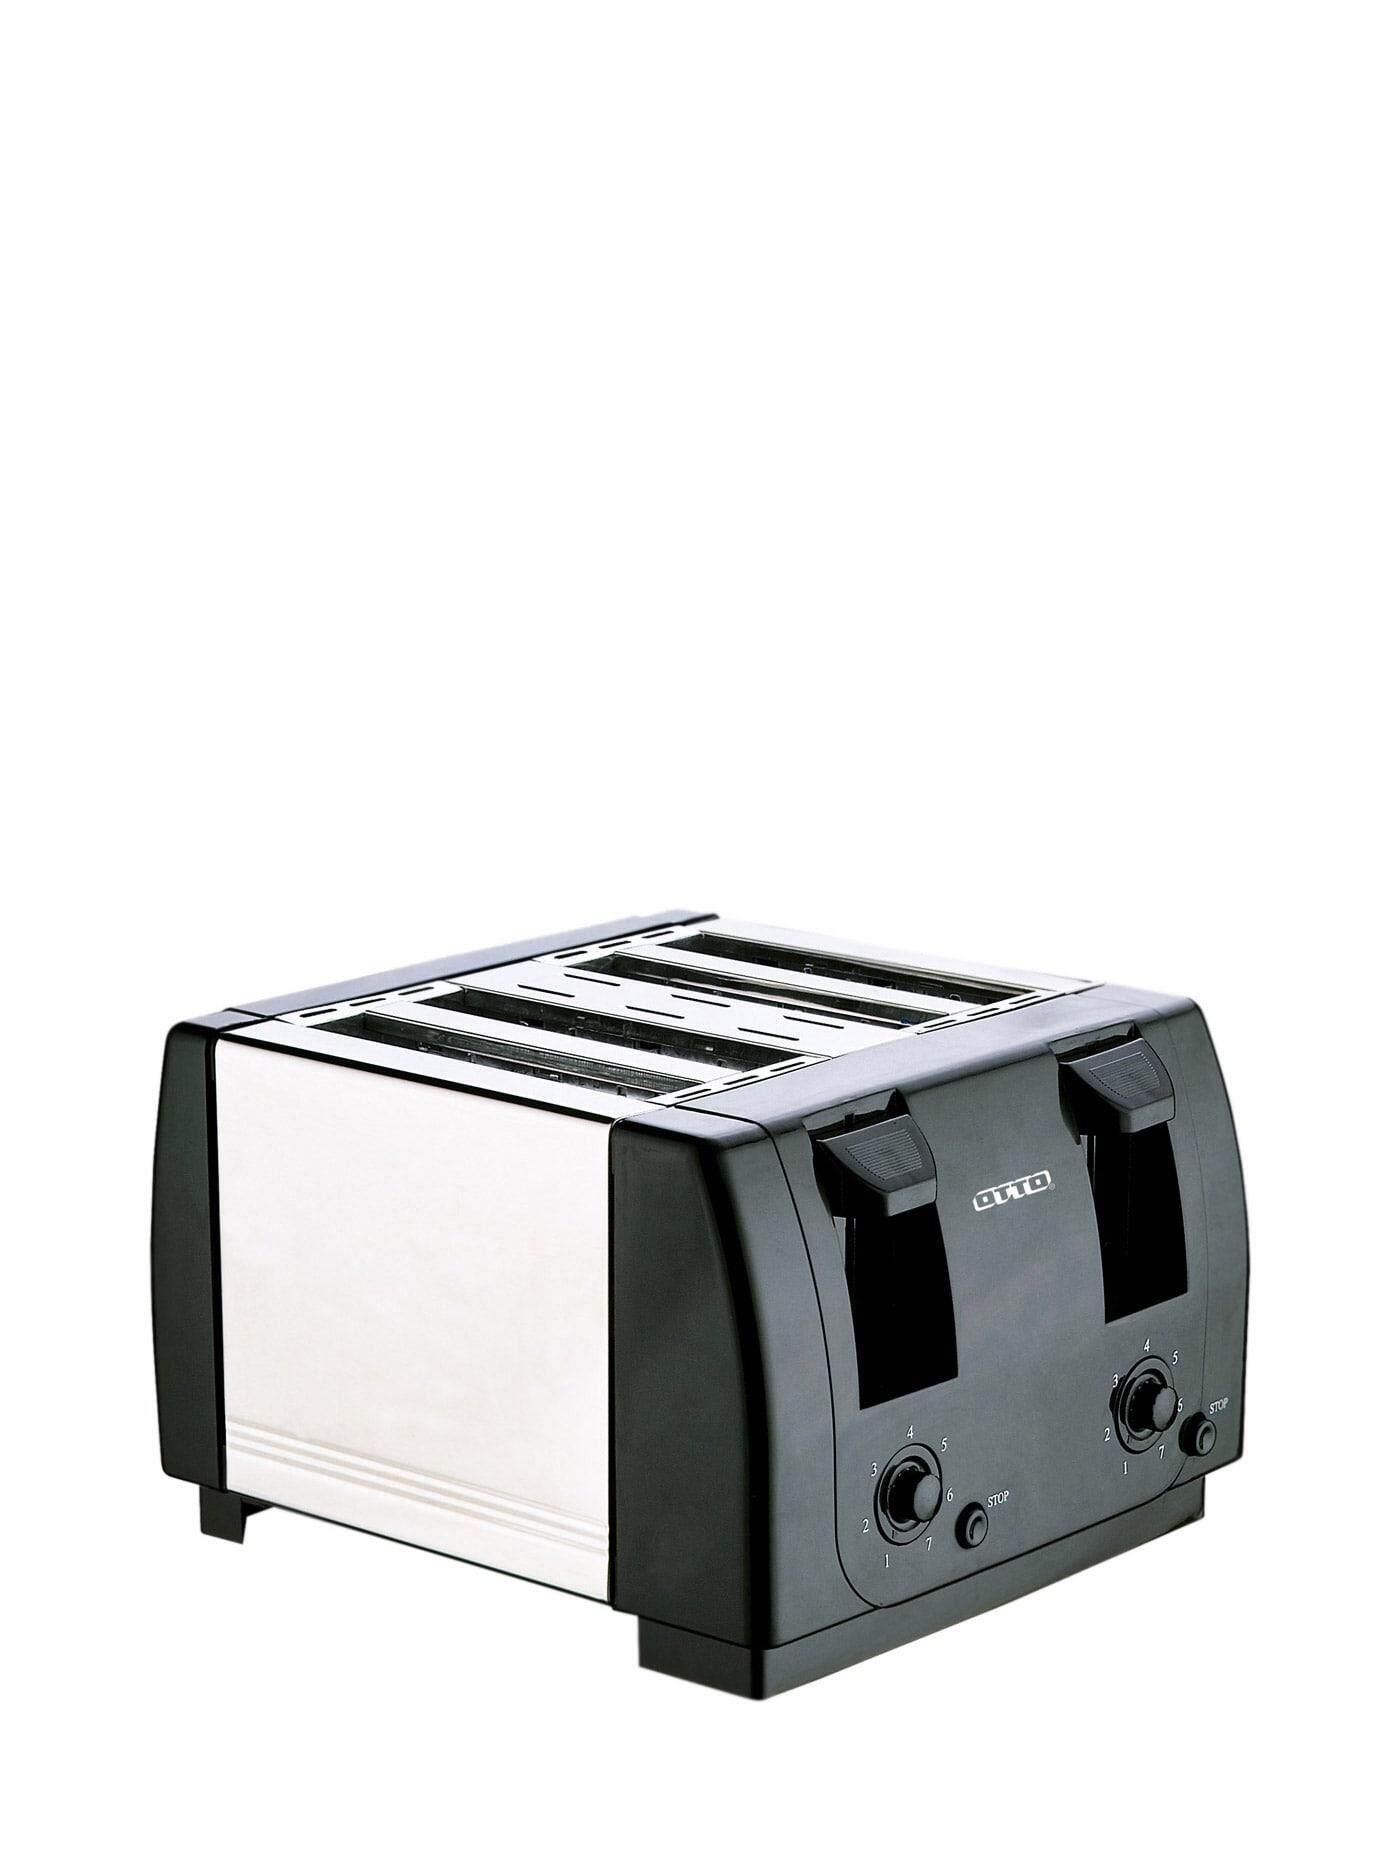 ยี่ห้อไหนดี  ตรัง OTTO เครื่องปิ้งขนมปัง สีดำ toasters makers